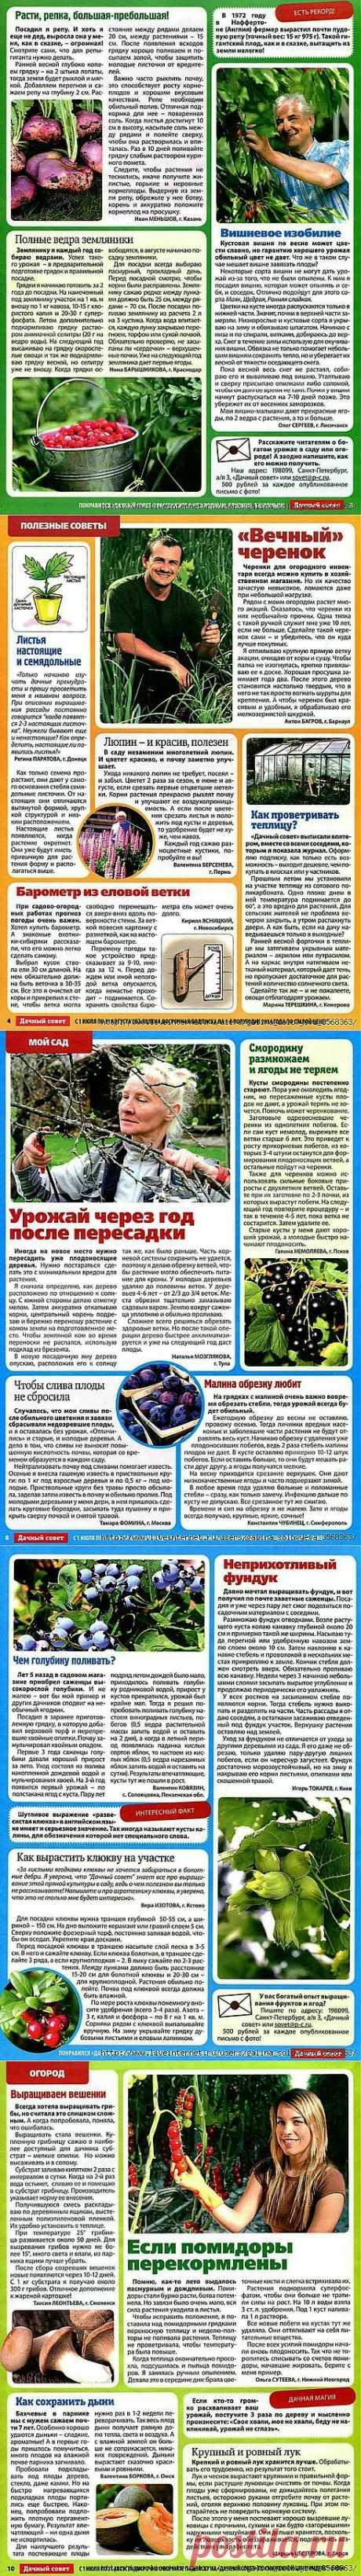 Дачный совет - 2013/8.